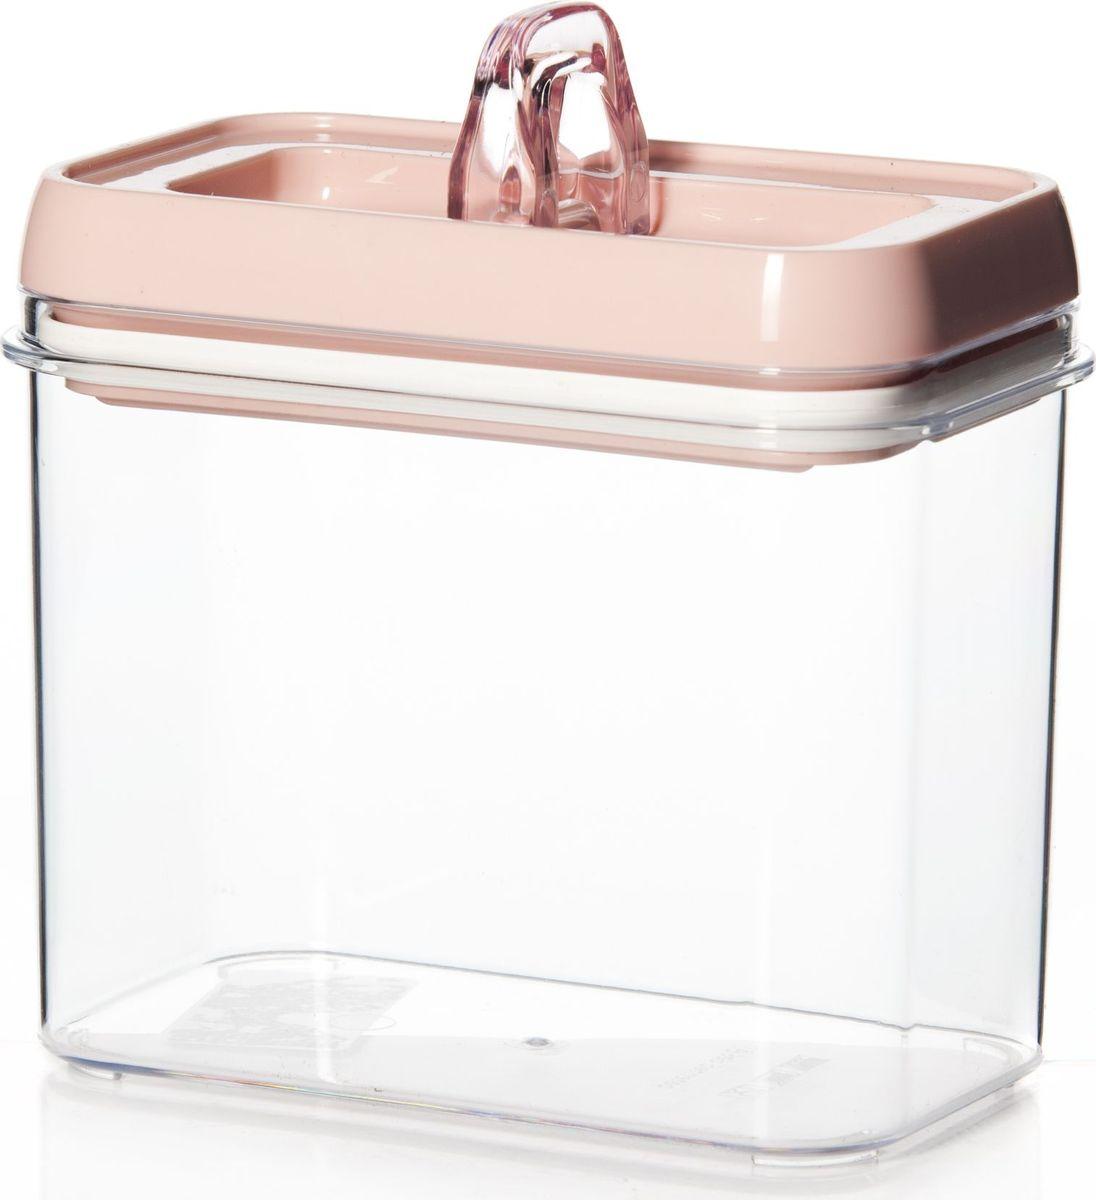 Контейнер для продуктов Herevin, 1,2 л. 161178-039VT-1520(SR)Контейнер для продуктов Herevin изготовлен из качественного пищевого пластика без содержания BPA. Крышка с защелками плотно и герметично закрывается, поэтому продукты дольше остаются свежими. Прозрачные стенки позволяют видеть содержимое. Такой контейнер подойдет для использования дома, его можно взять с собой на работу, учебу, в поездку.